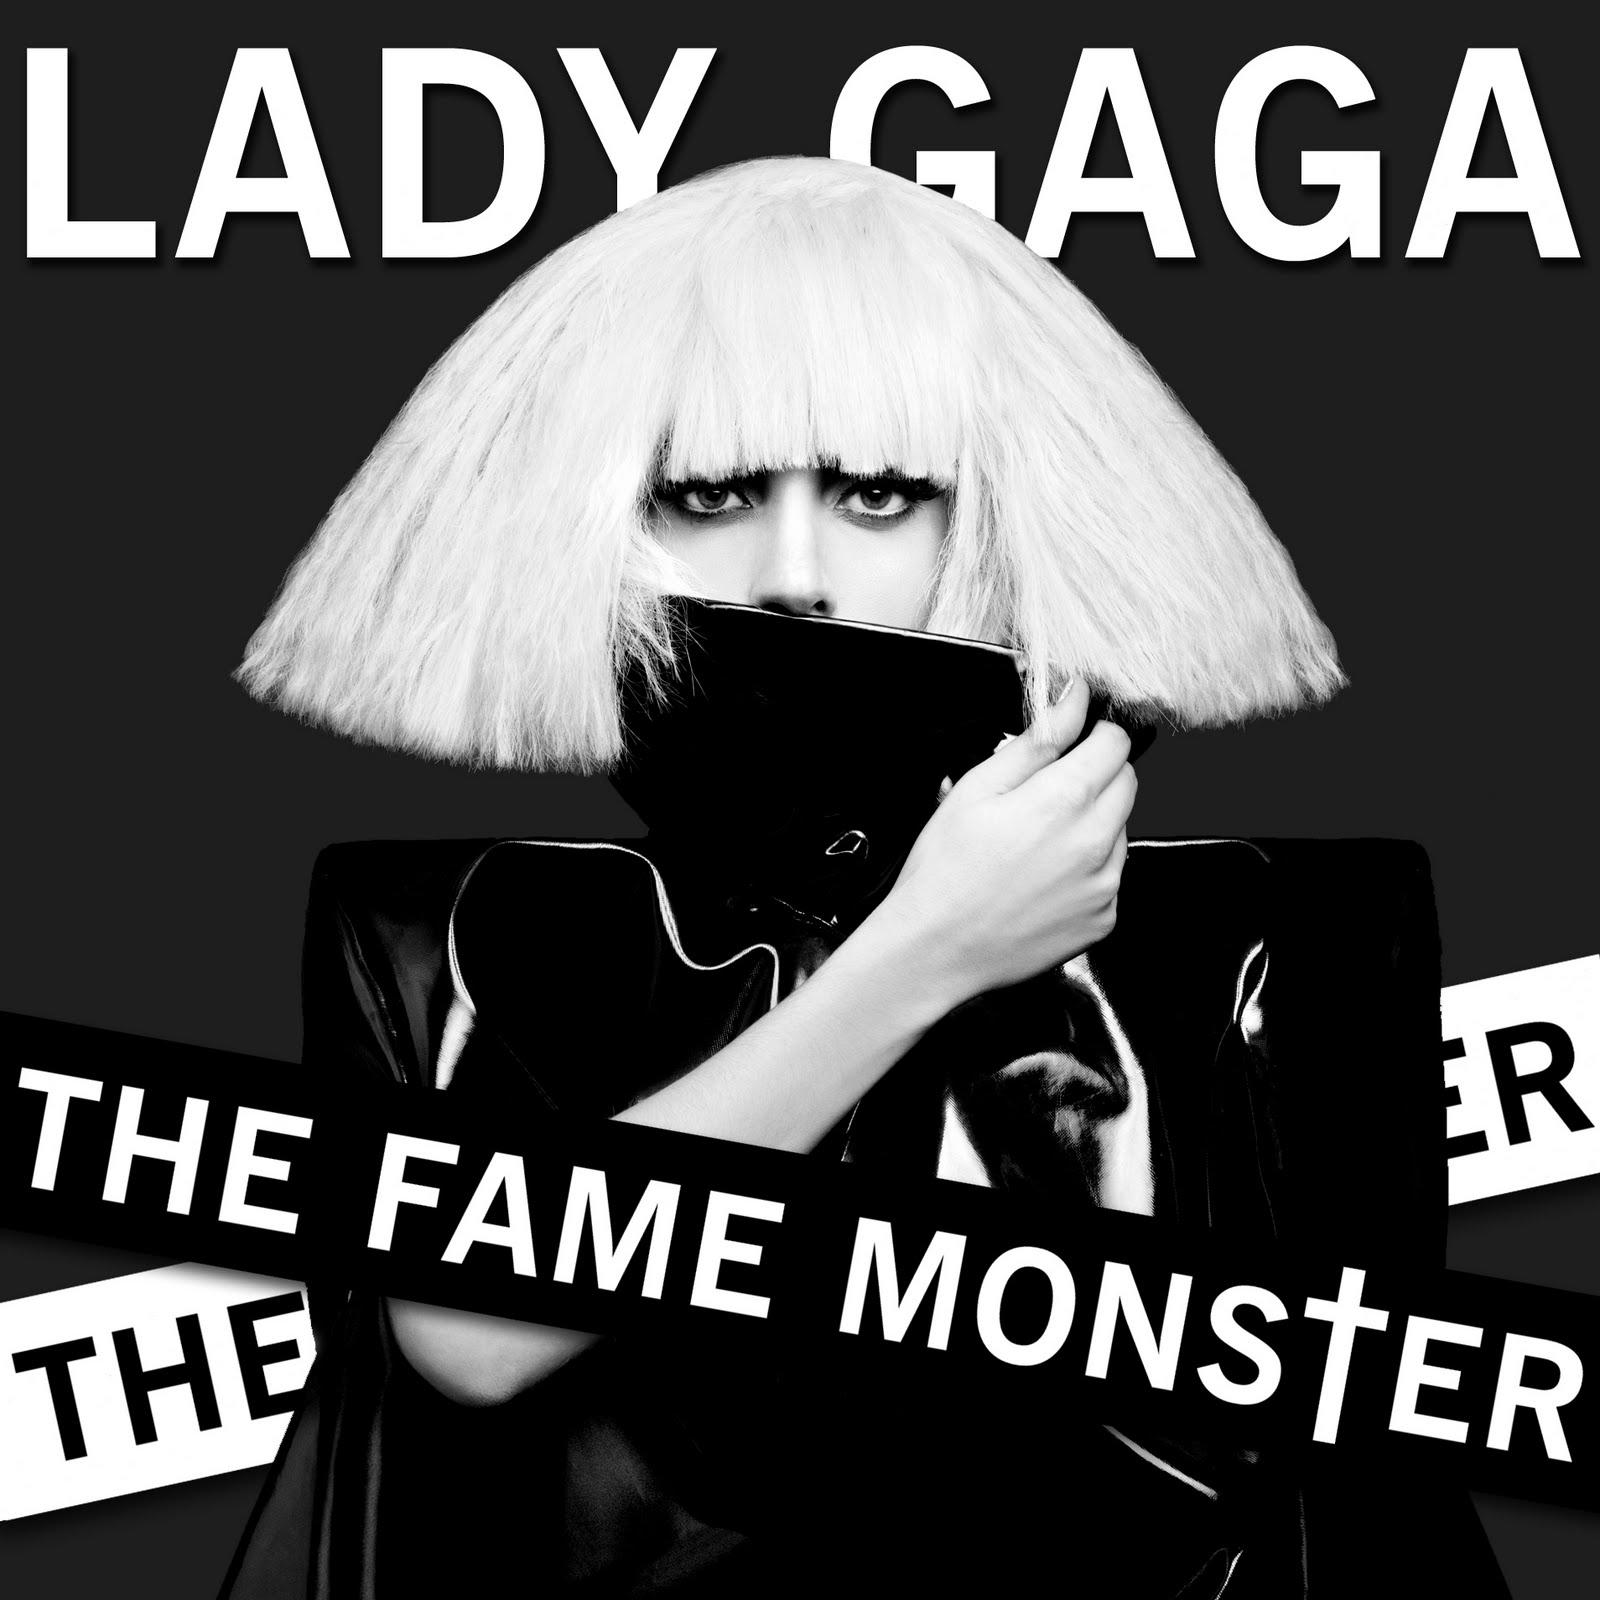 lady gaga album